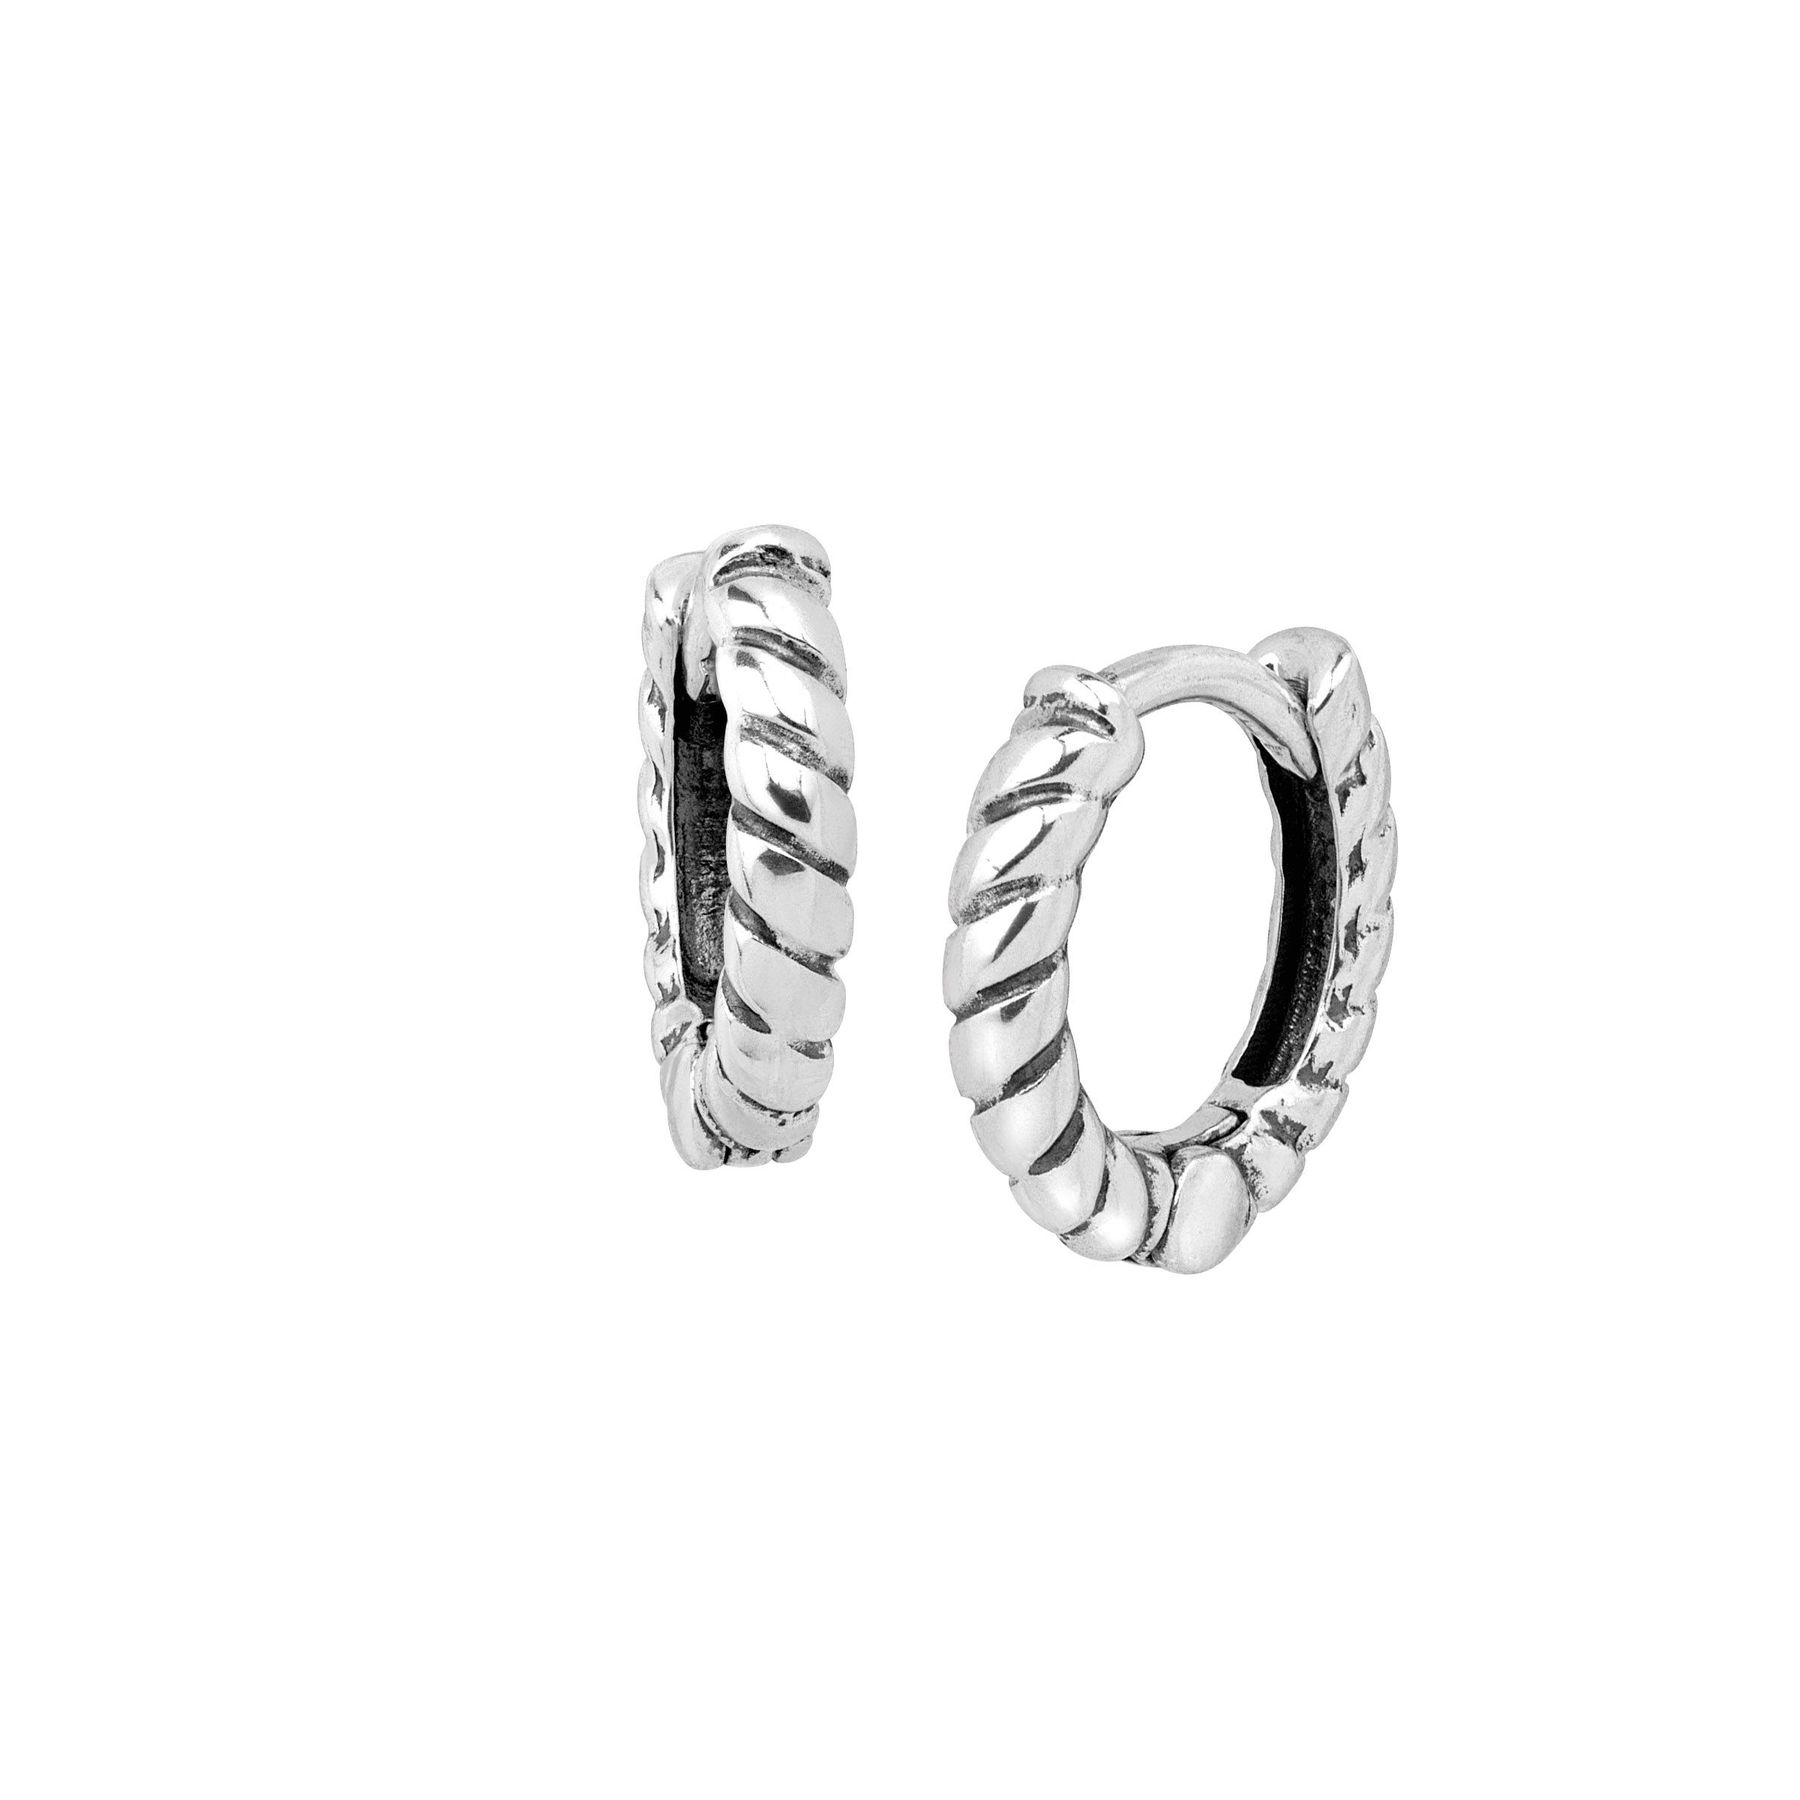 Ss Bead//Texture Twist Hoop Earring Hoop Earrings